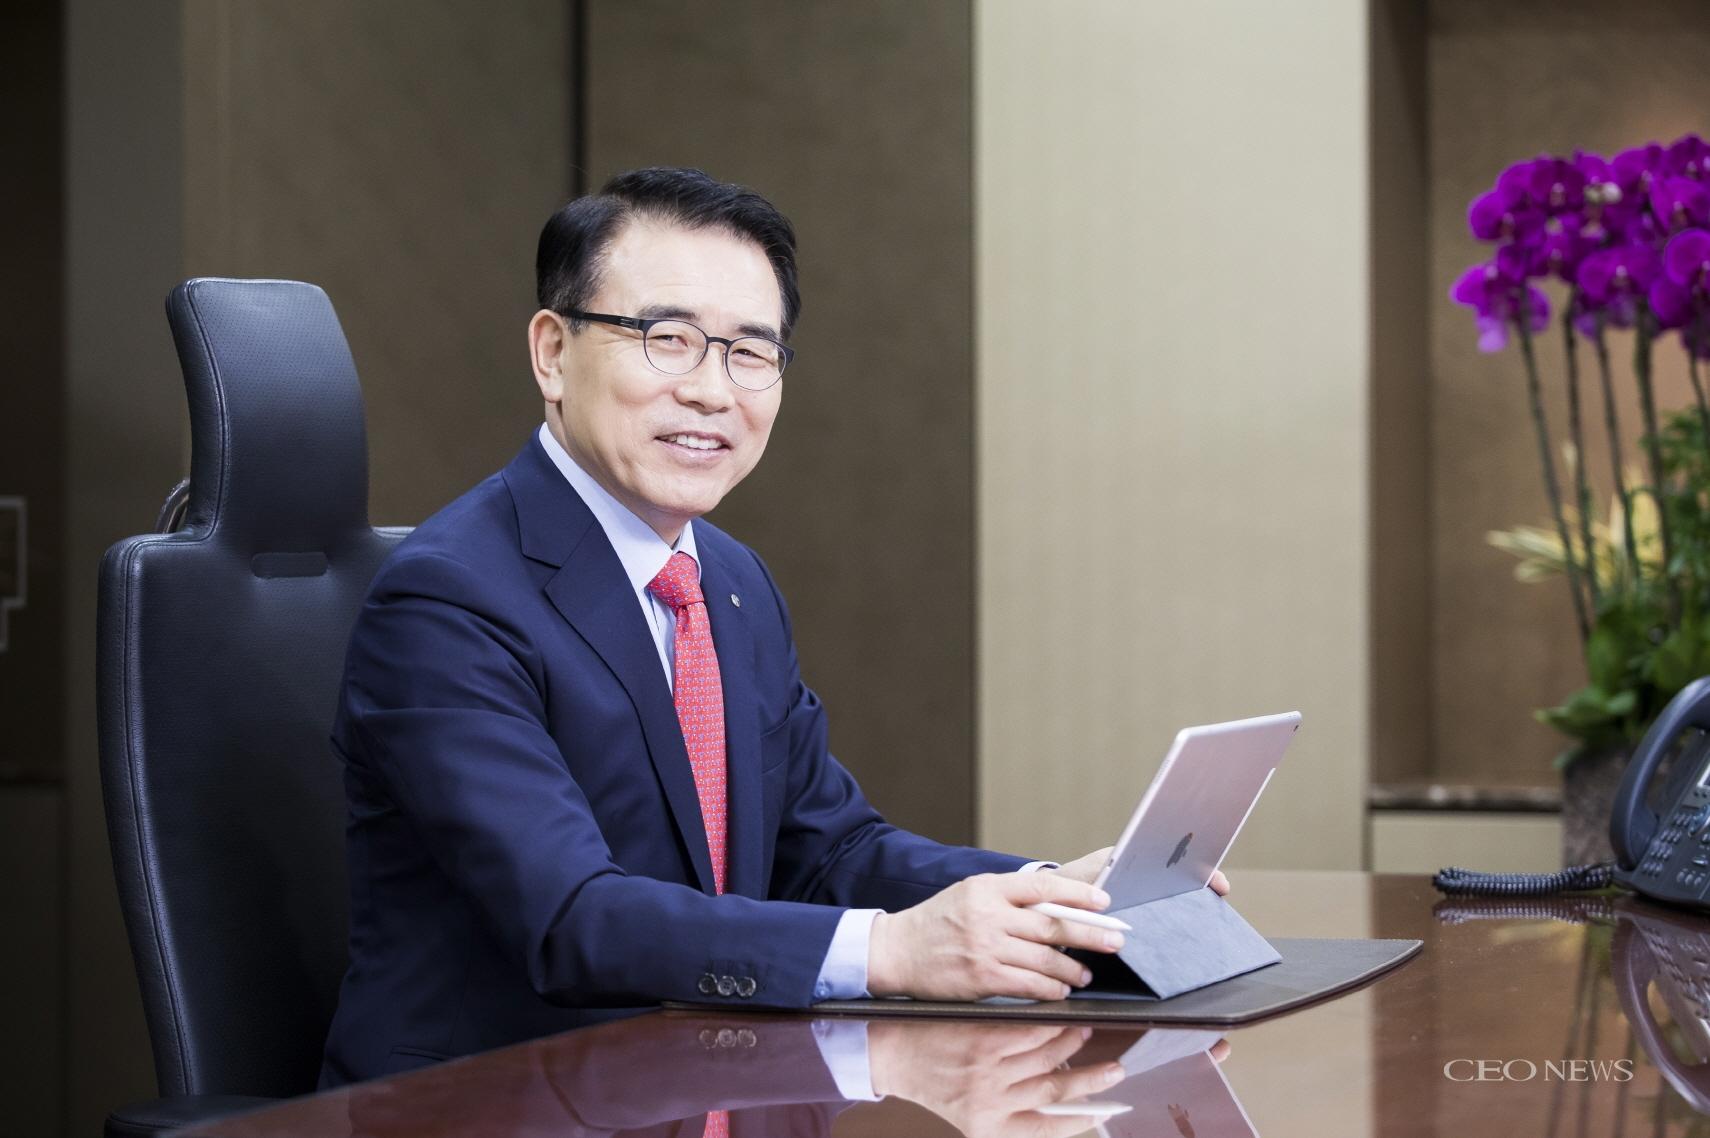 [단독 인터뷰] 조용병 신한금융그룹 회장